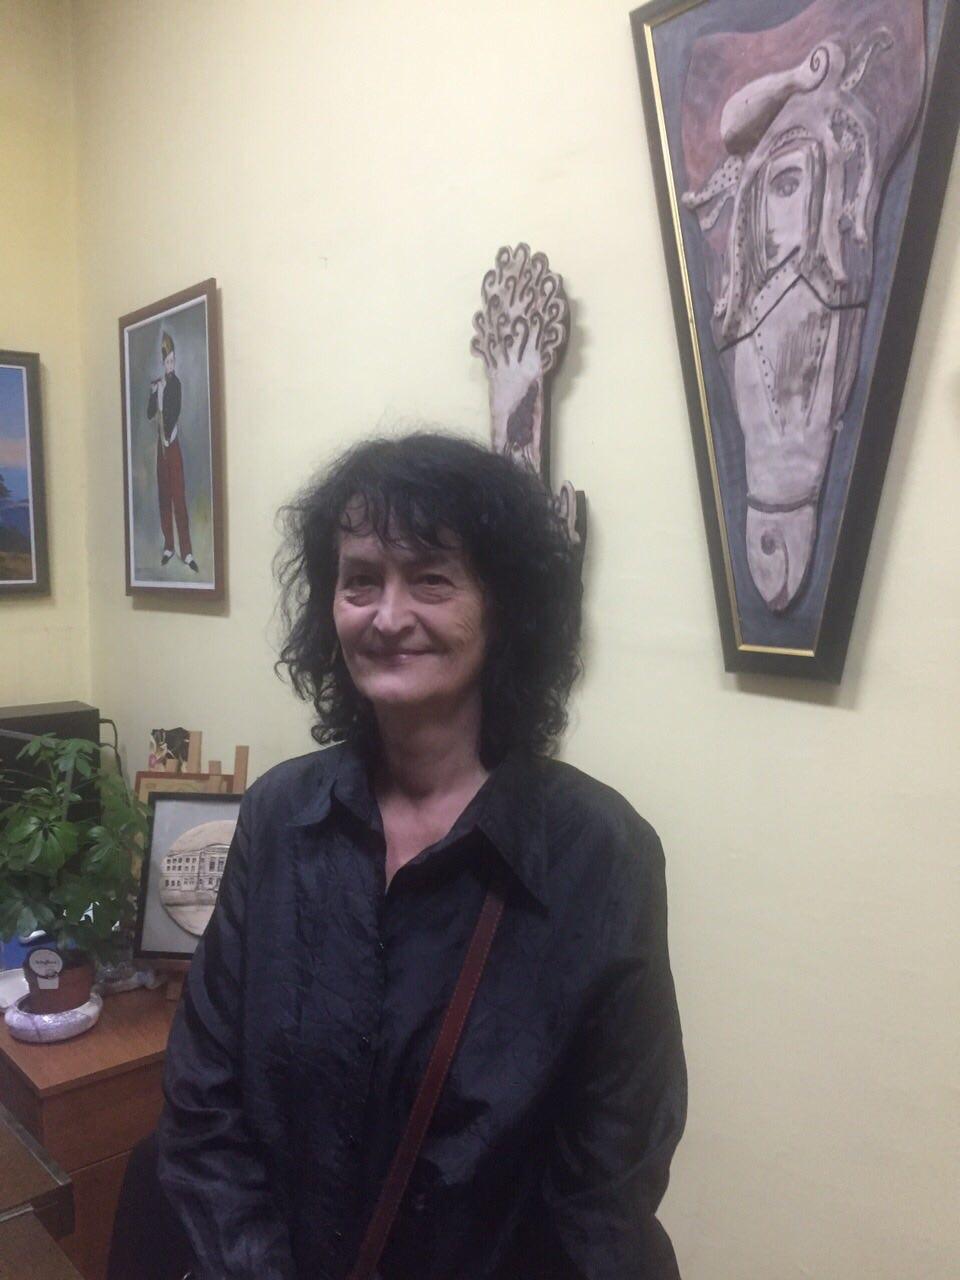 Ponosna na bivše i sadašnje učenike Umetničke škole u Užicu kojom rukovodi poslednja tri meseca Foto--M.N.